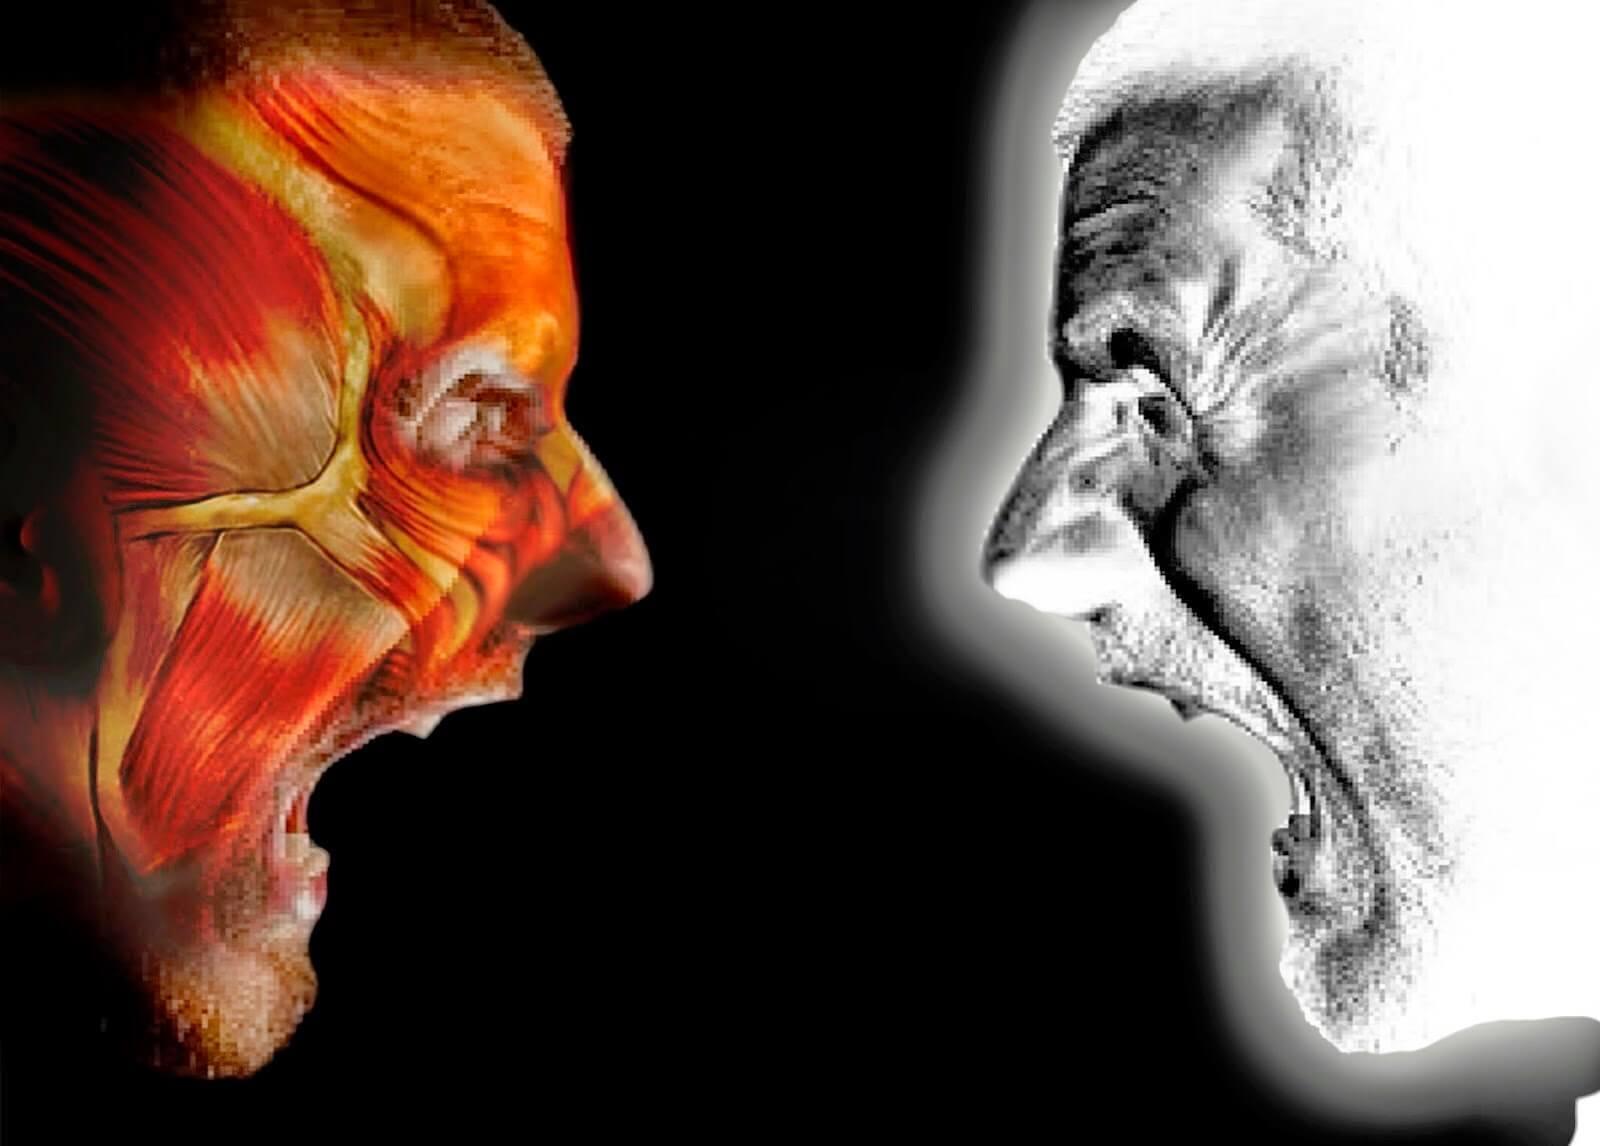 imagem ilustrativa do espírito e da carne se enfrentando